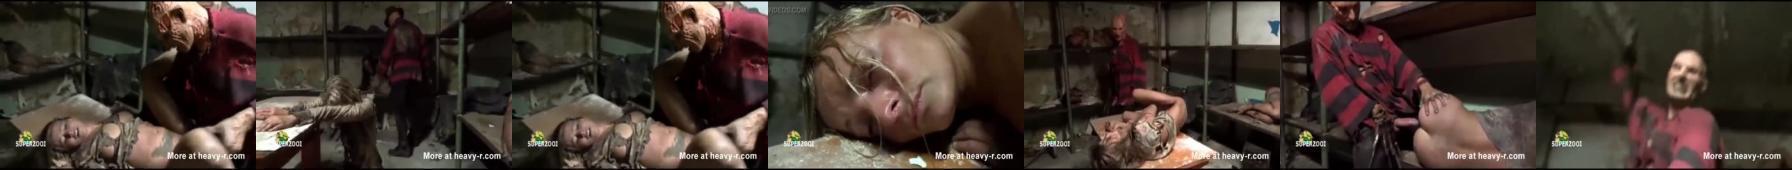 Zgwałcone przez postać z horroru